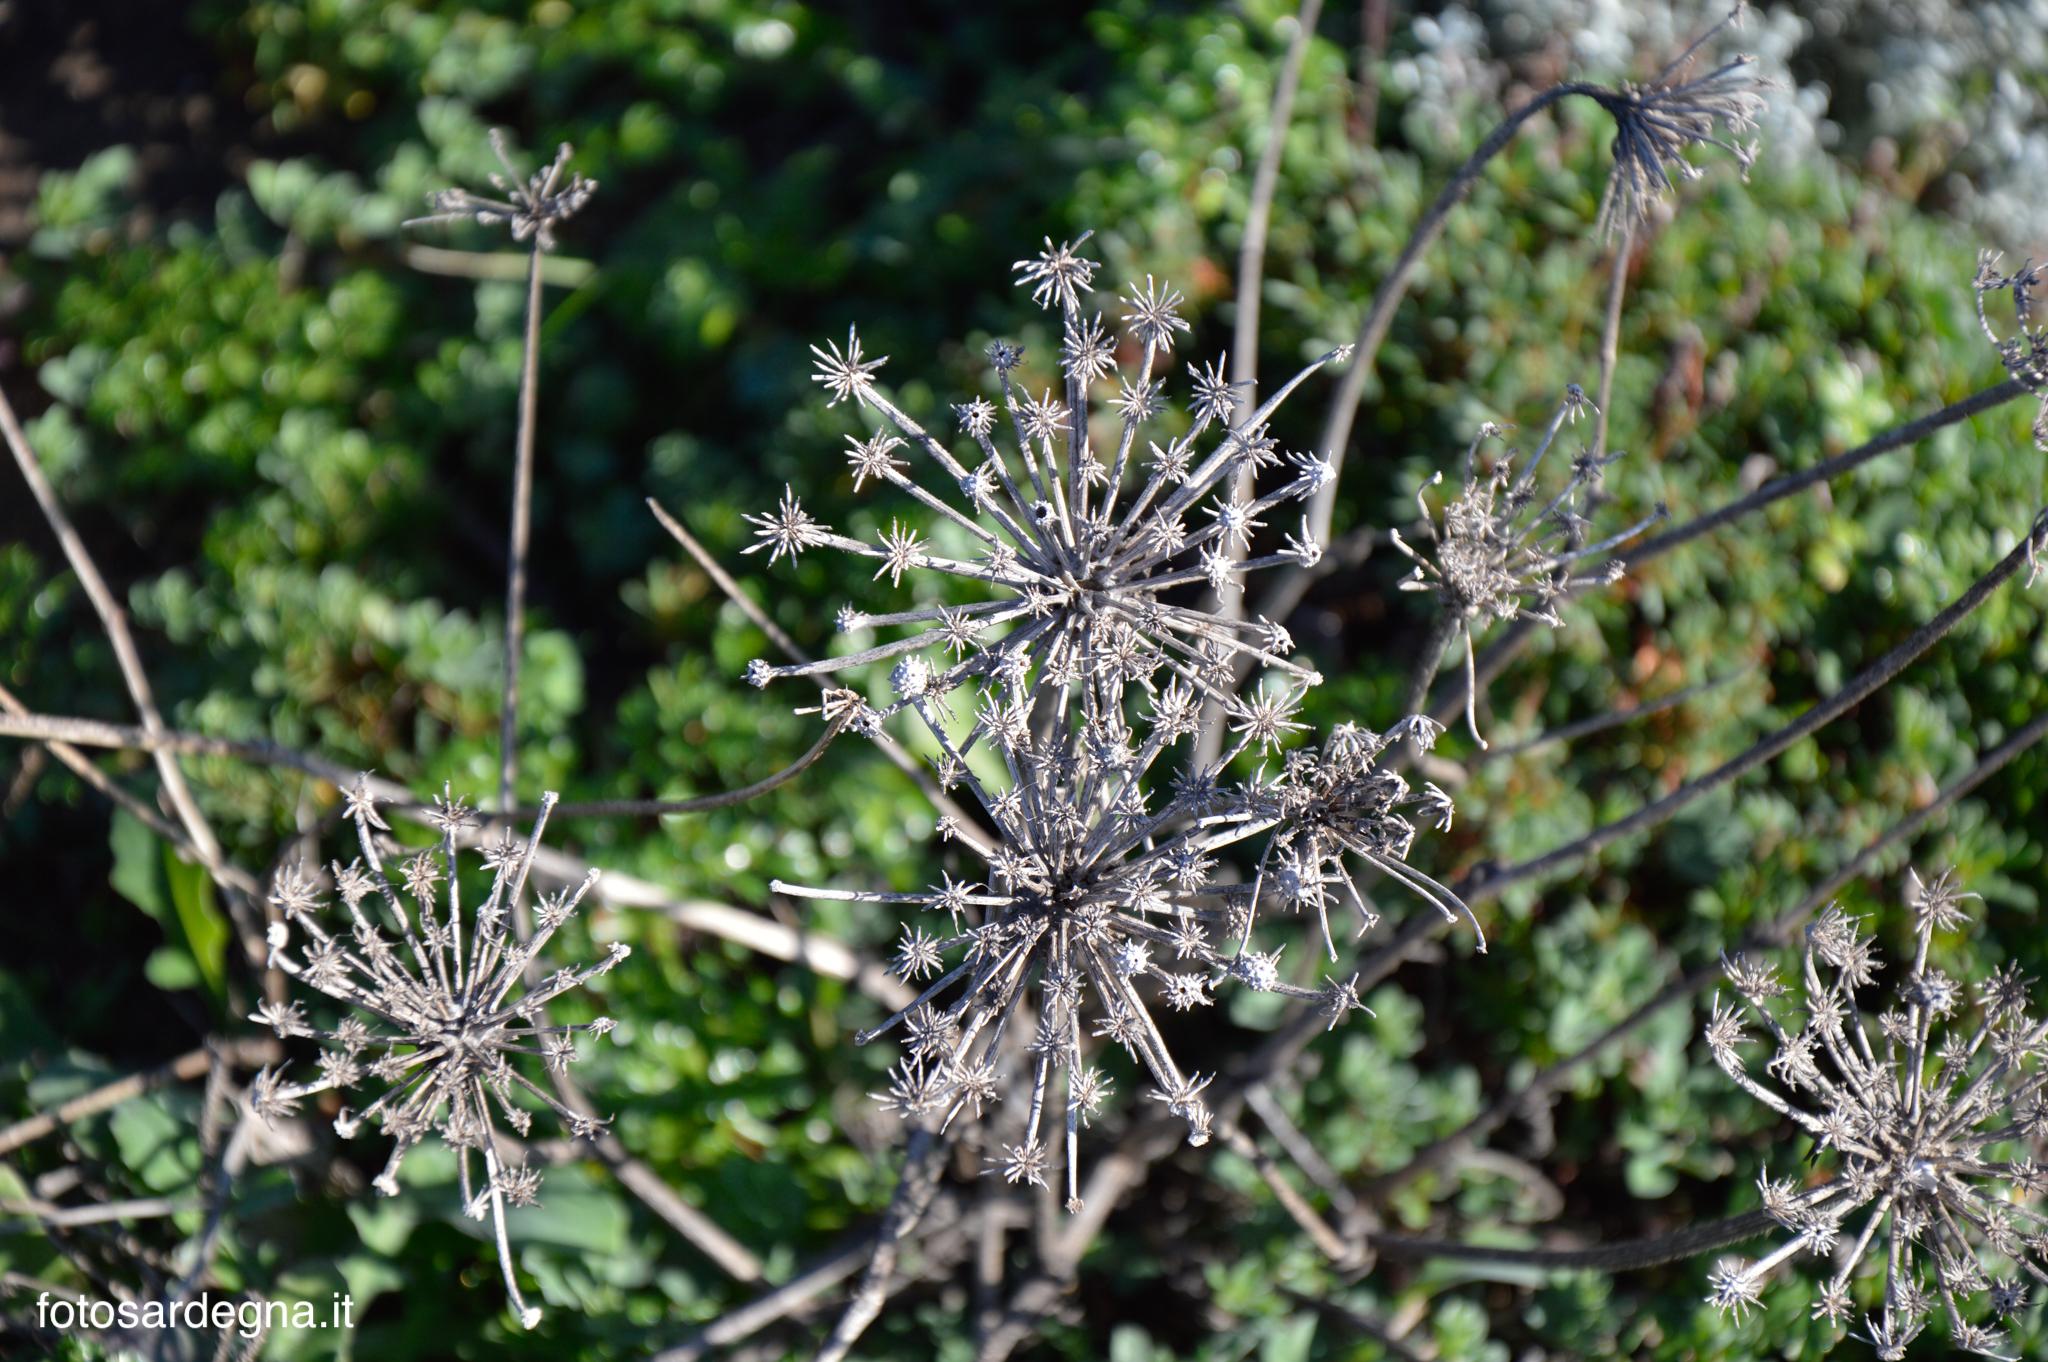 Il fiore secco della Carota, dalla caratteristica forma stellata.